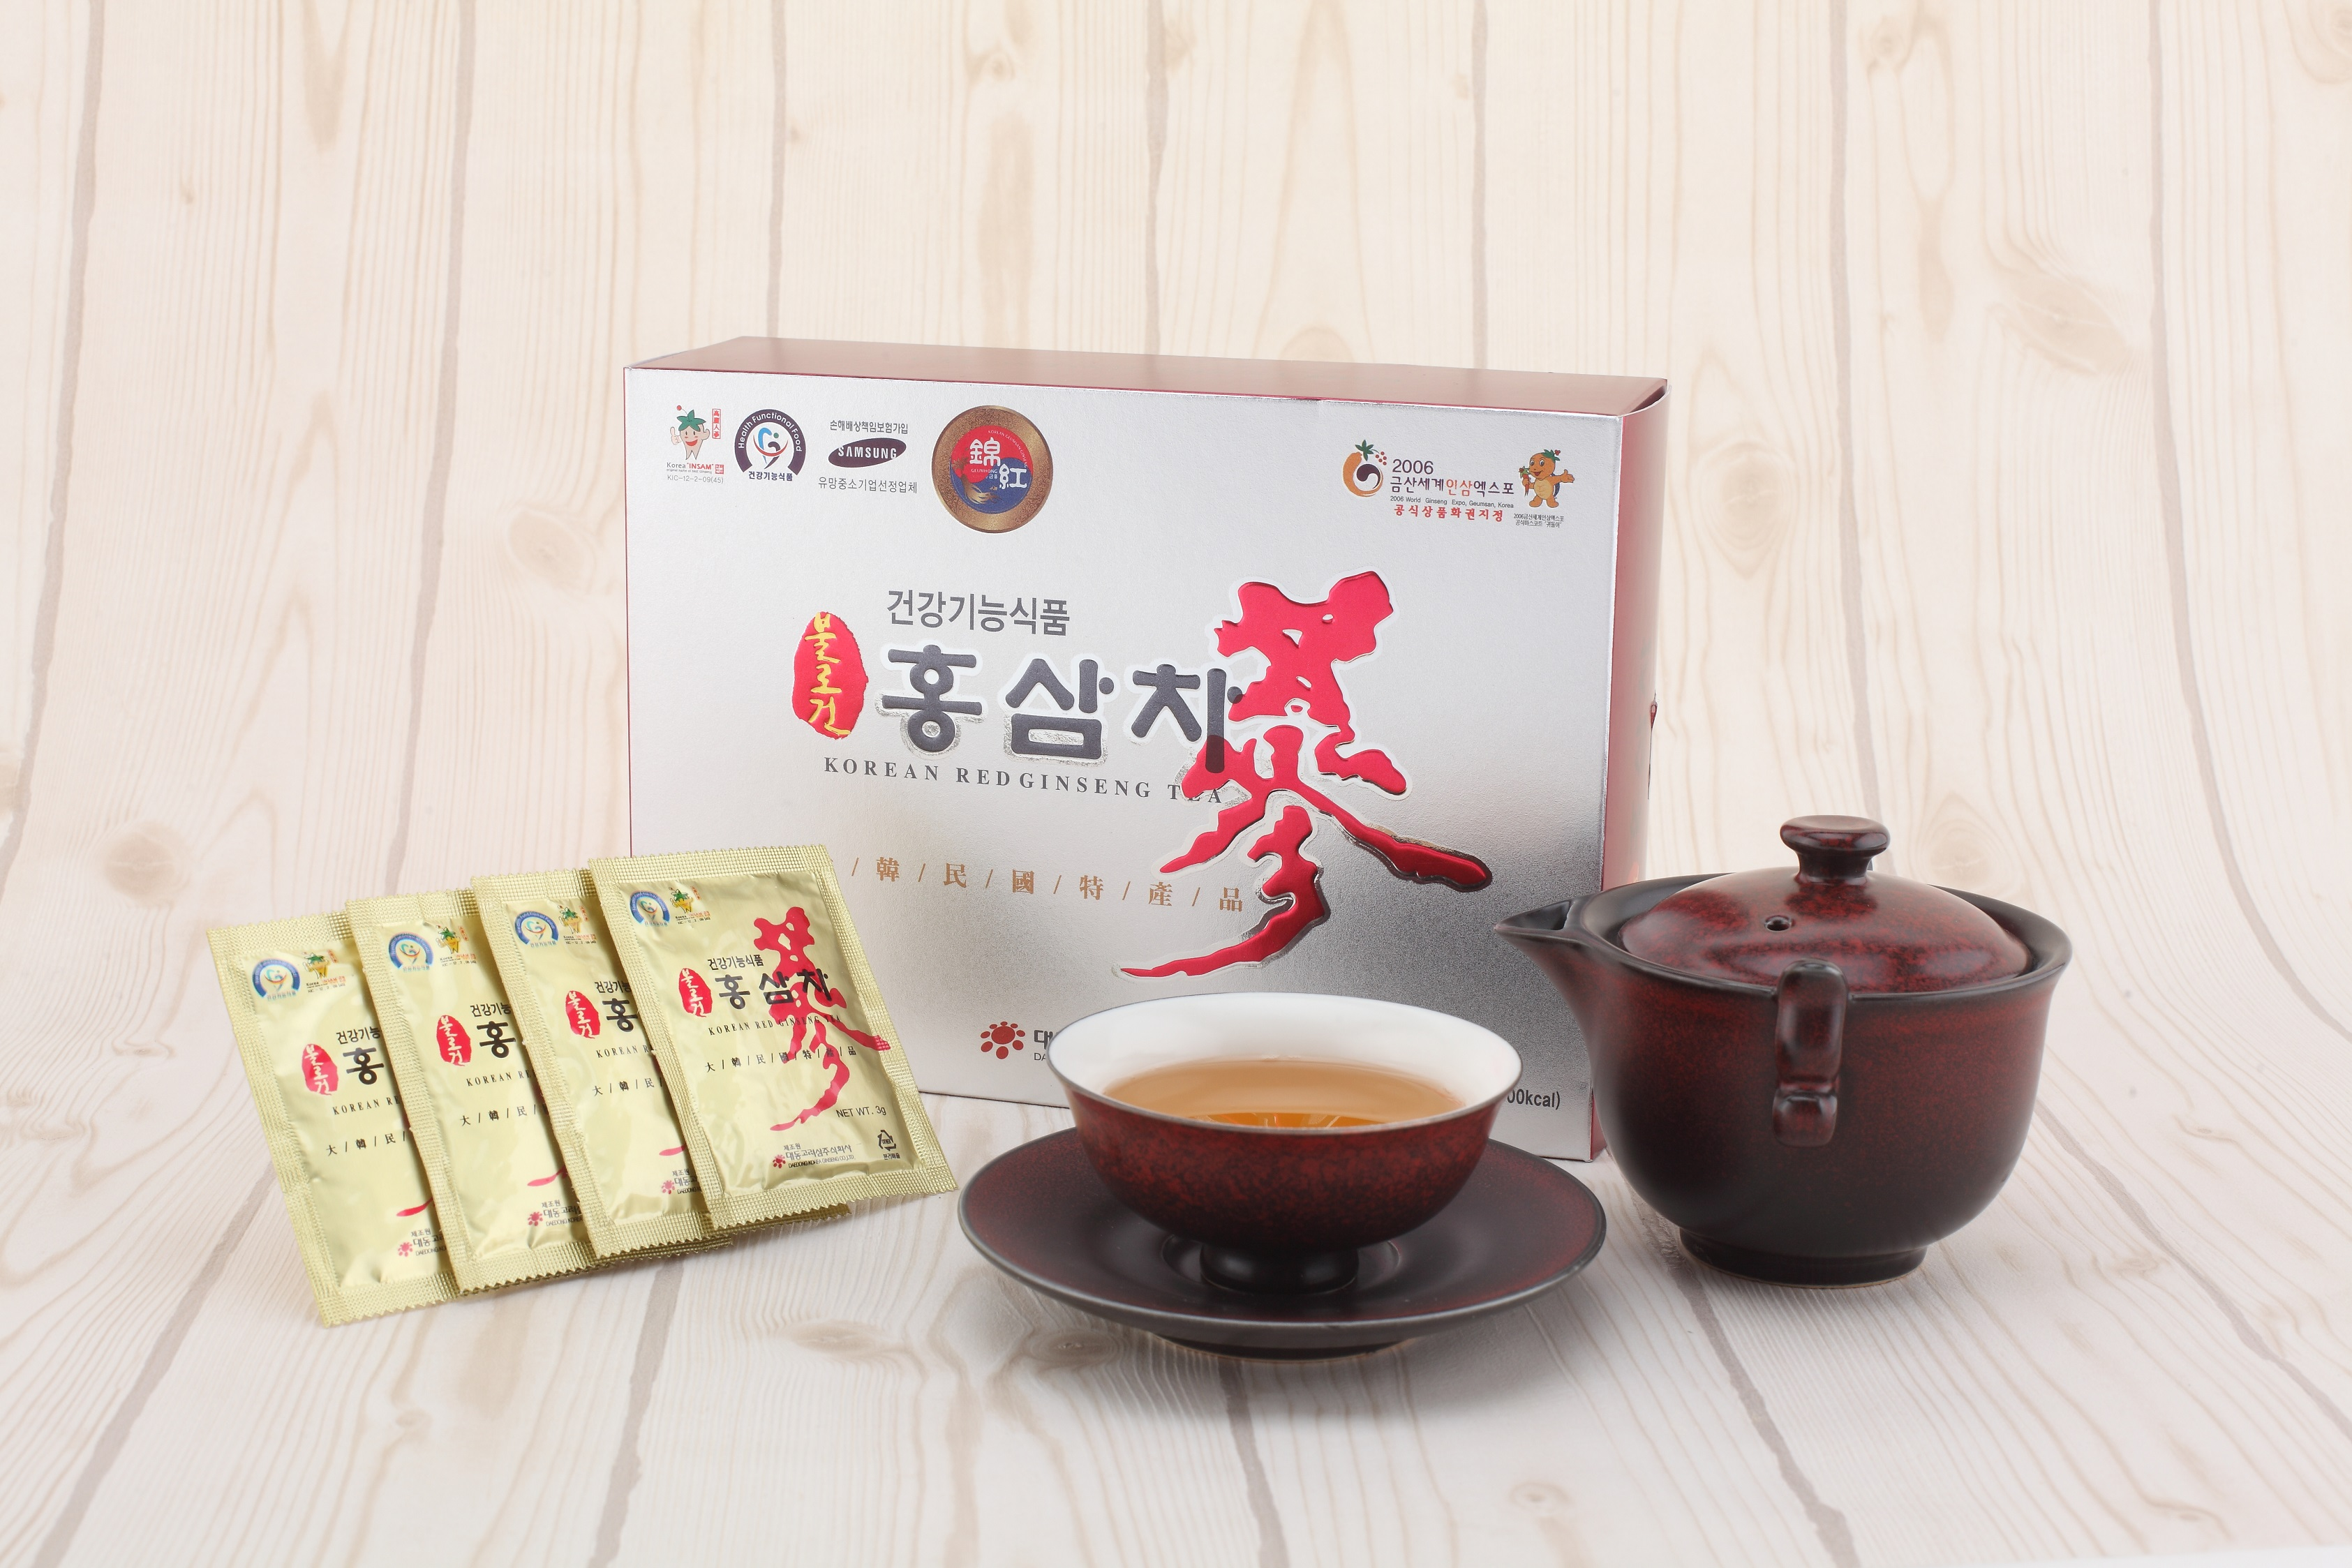 Korean Red Ginseng Tea